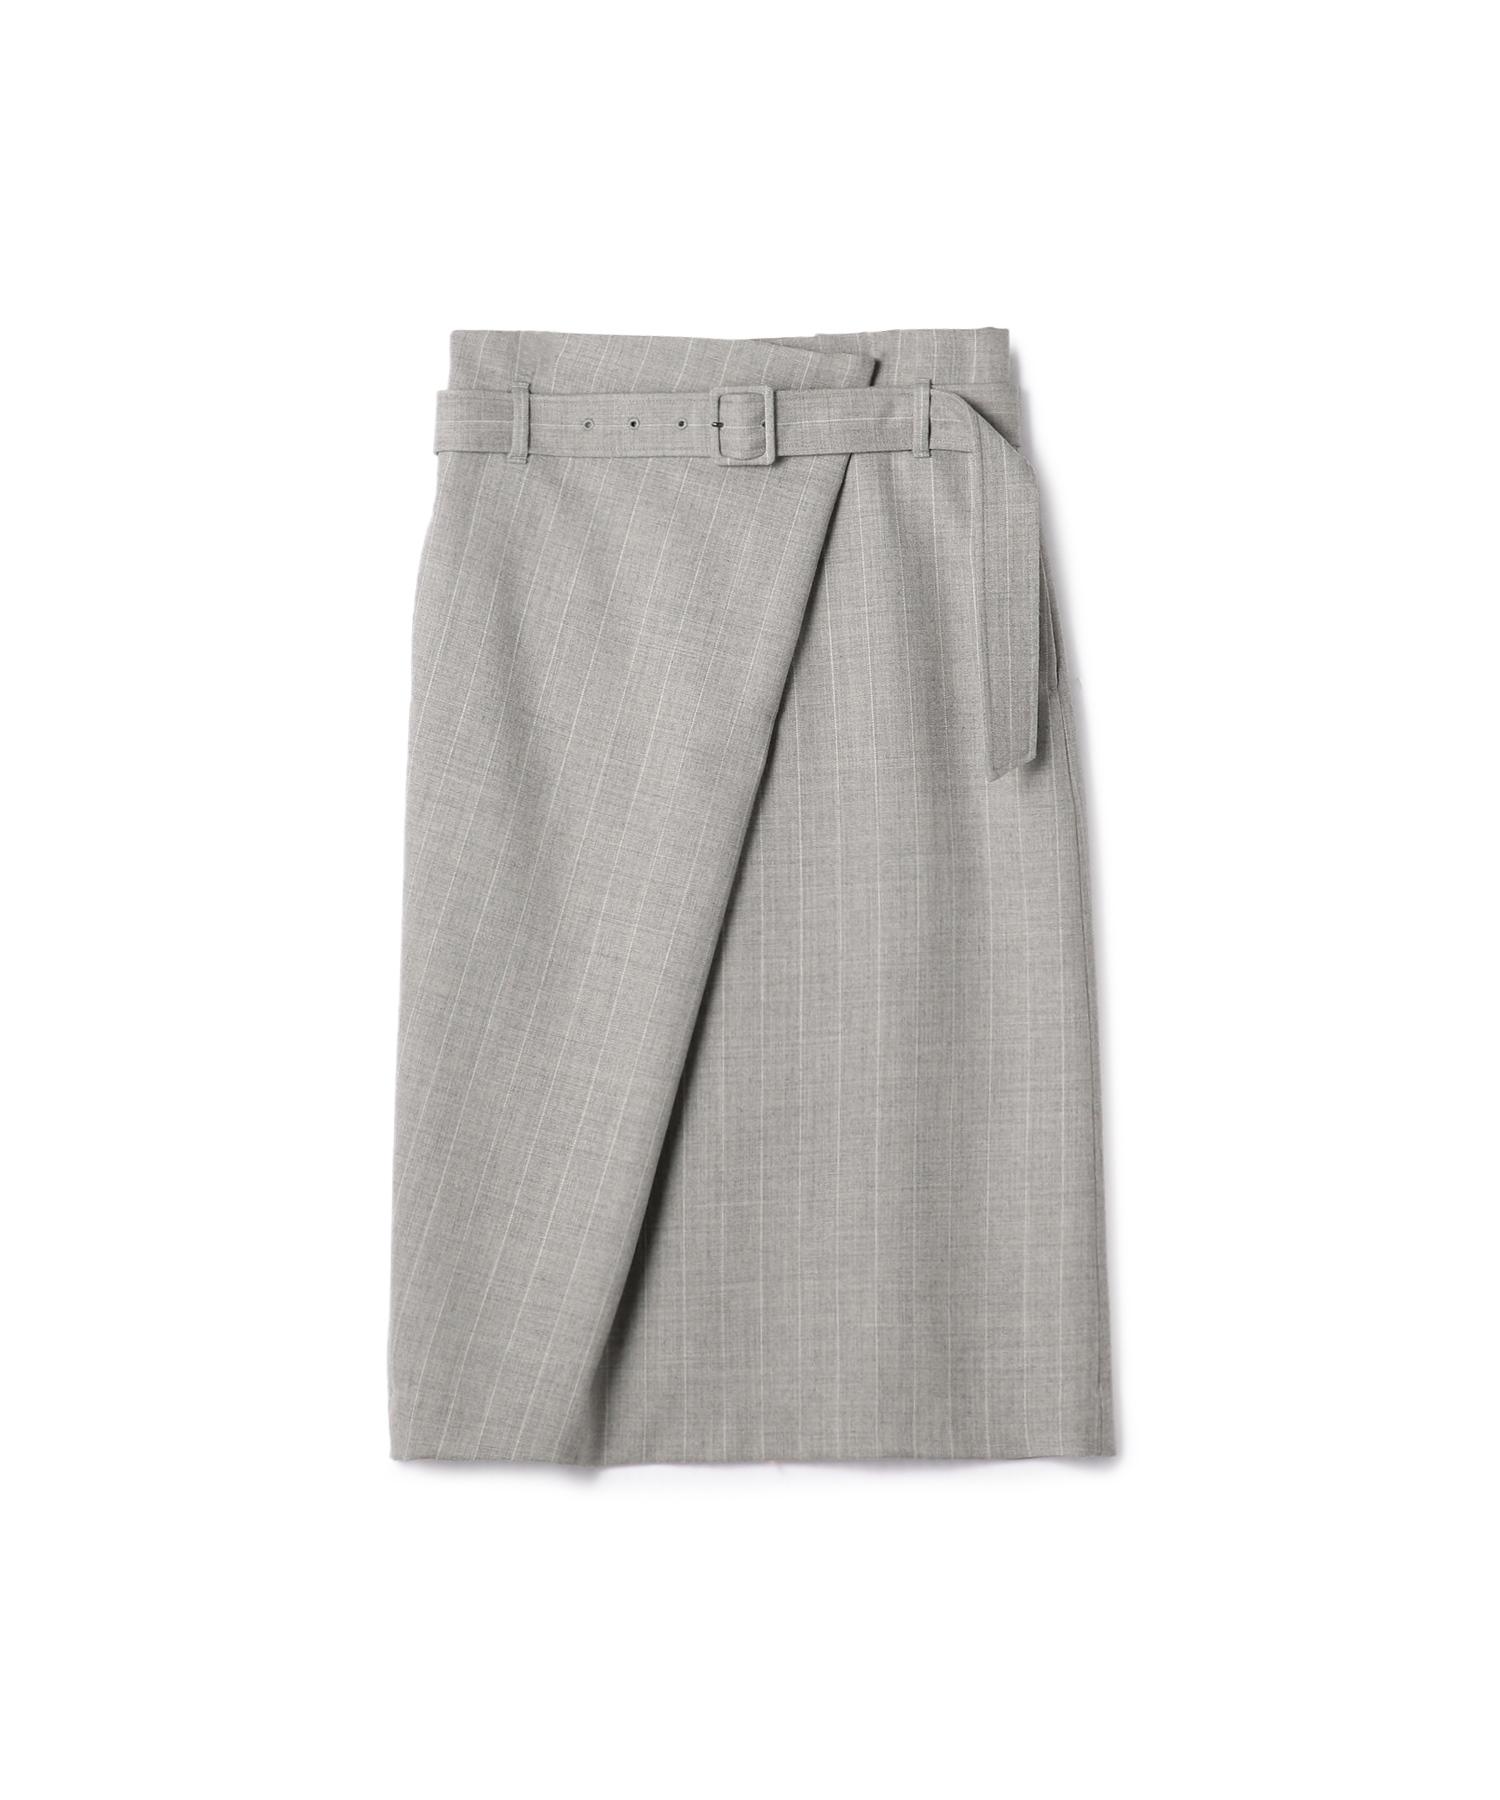 ESTNATION ウールストライプラップスカート